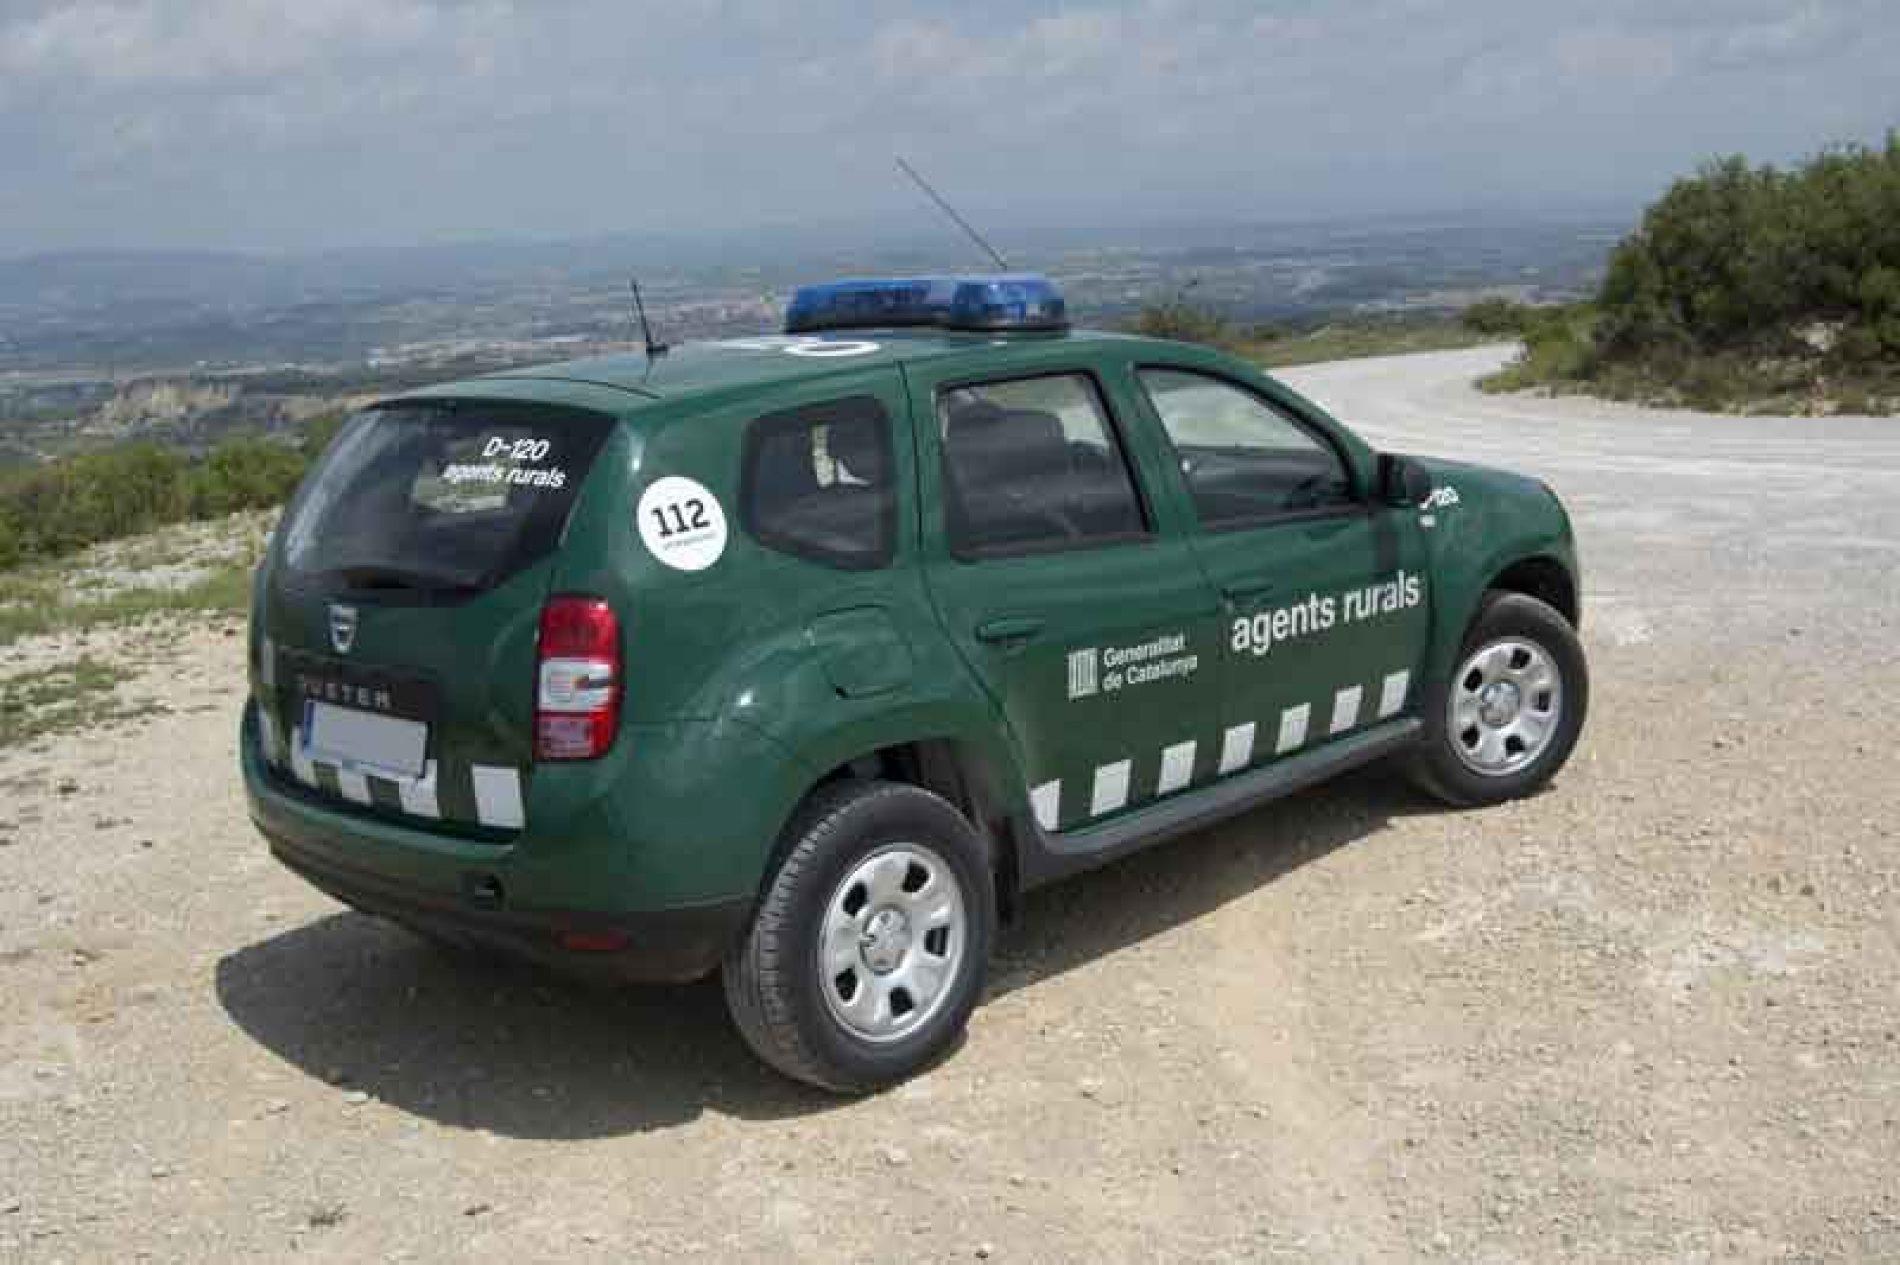 La ONC y Federcat se personarán en el caso de los dos agentes rurales